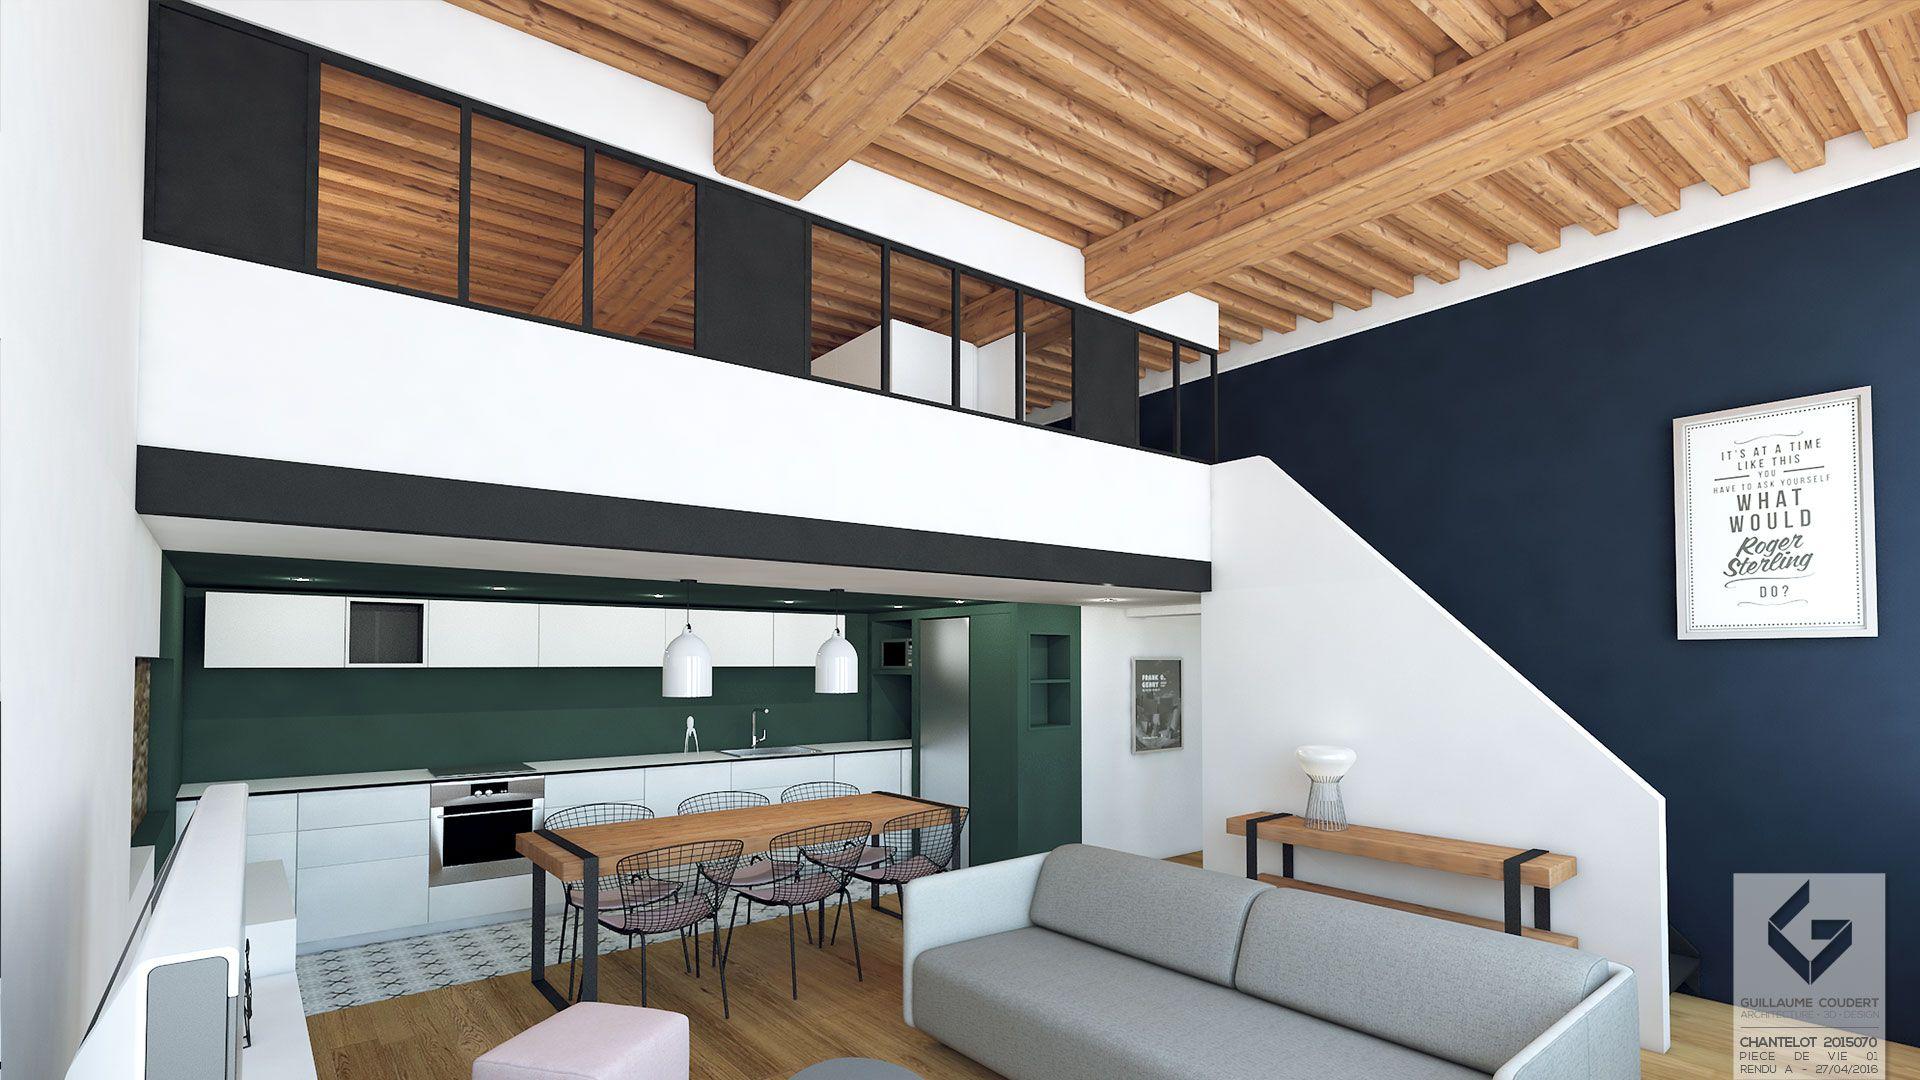 UN CANUT OPTIMISE ! Rénovation complète de cet appartement